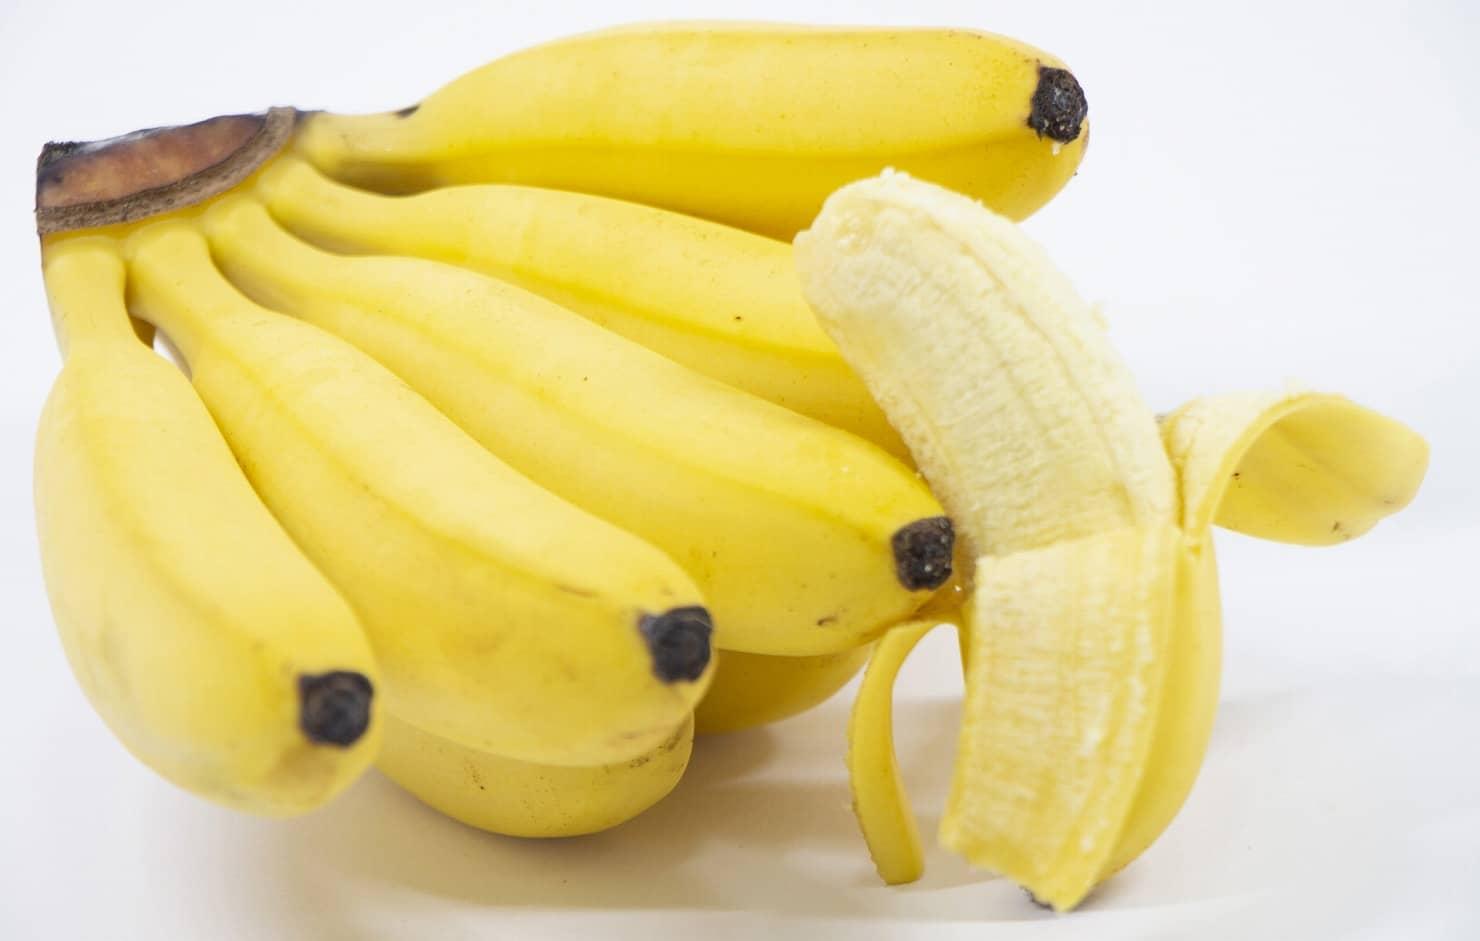 【管理栄養士監修】離乳食でバナナはいつから大丈夫? アレルギーやレシピ、冷凍保存の方法を紹介